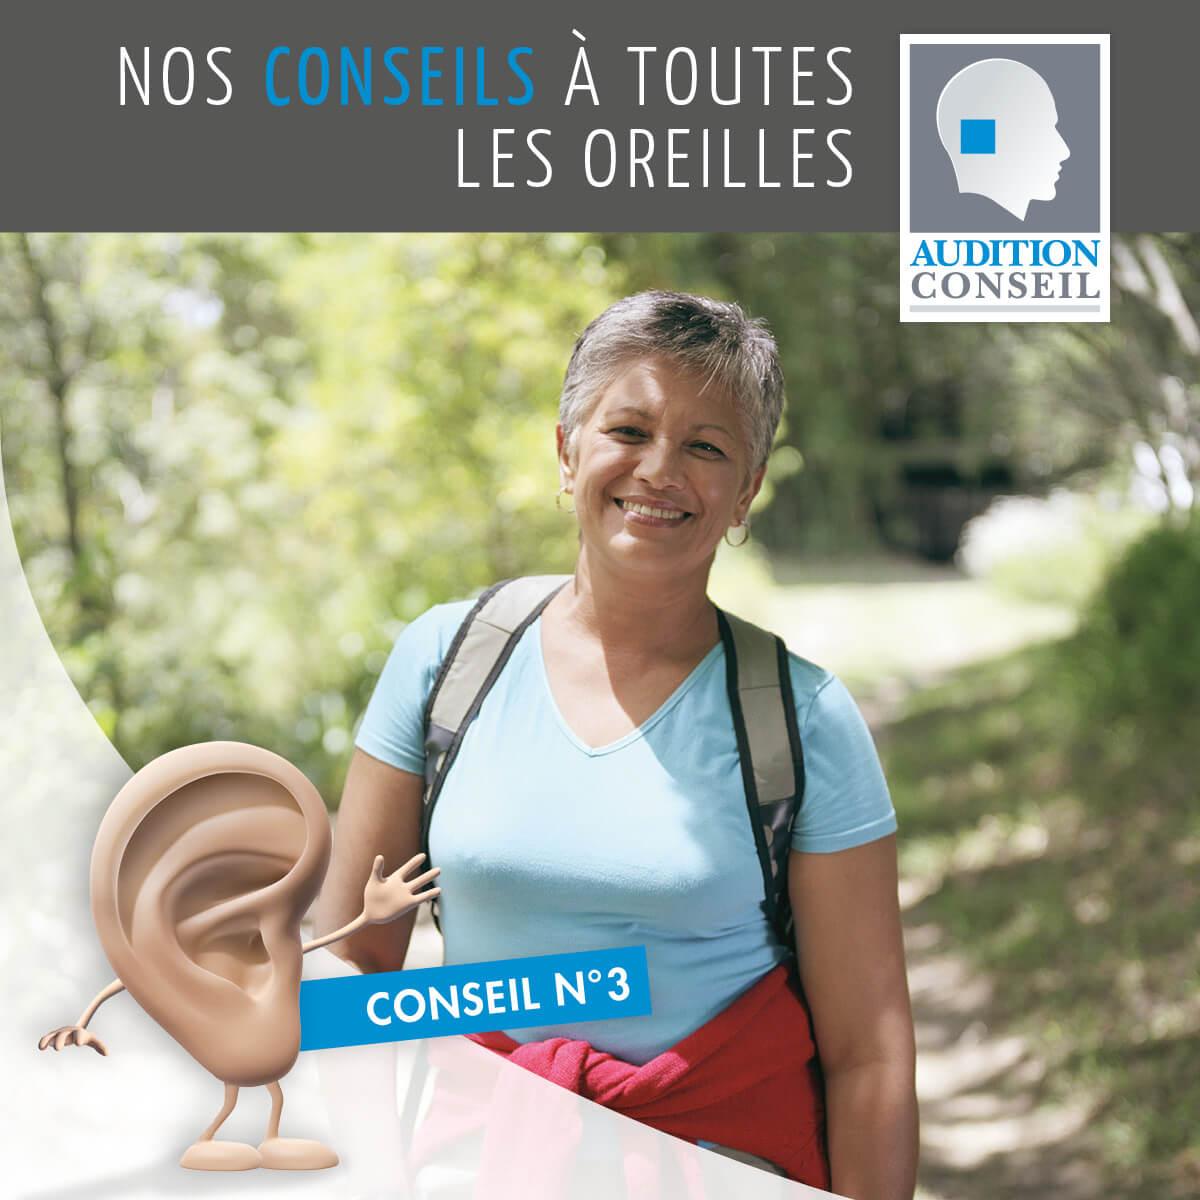 Conseils_a_toutes_les_oreilles_3